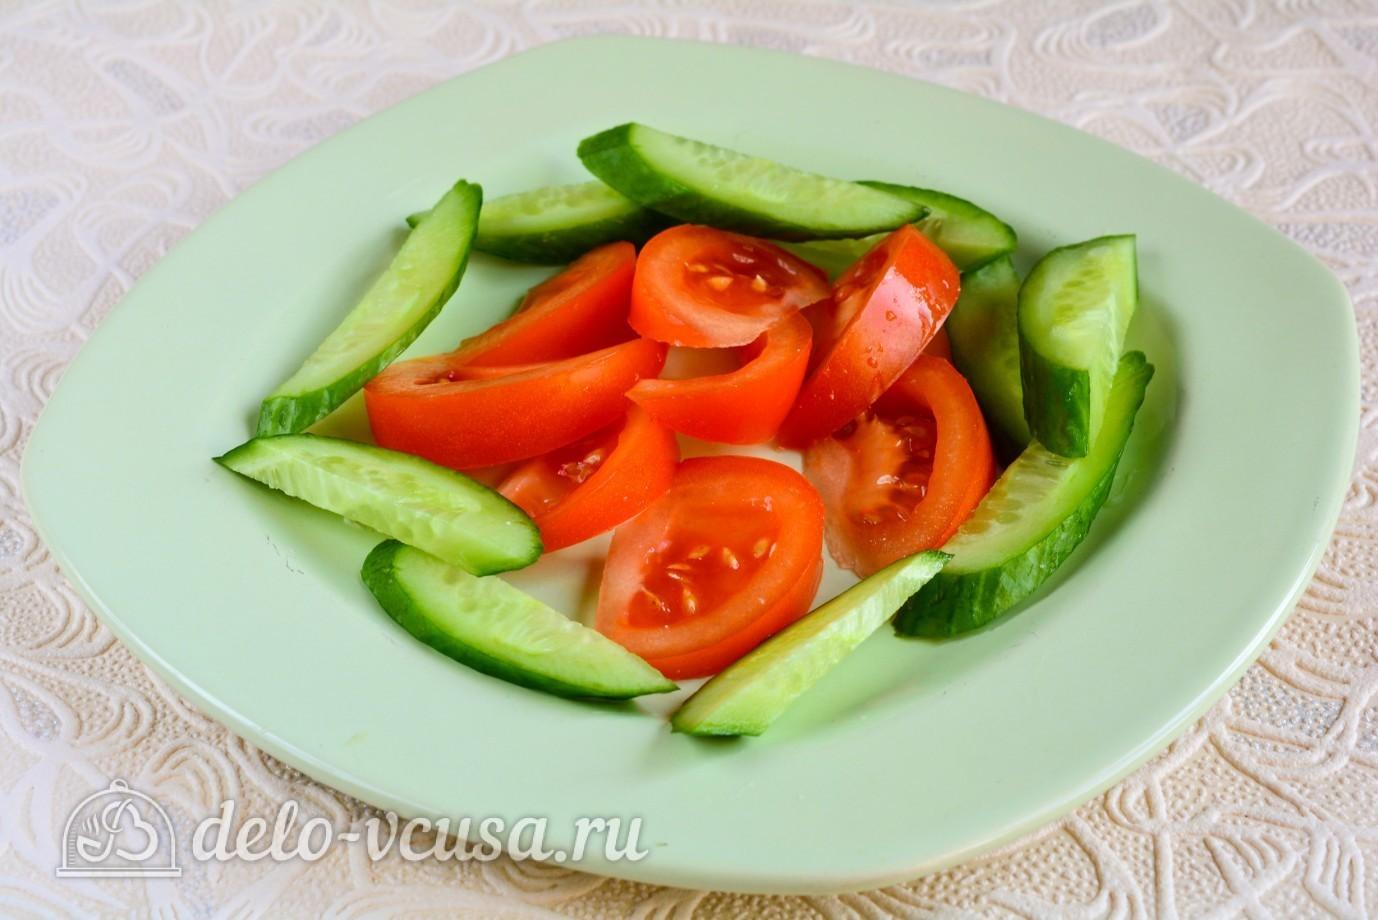 Крабовый салат с огурцом и сыром